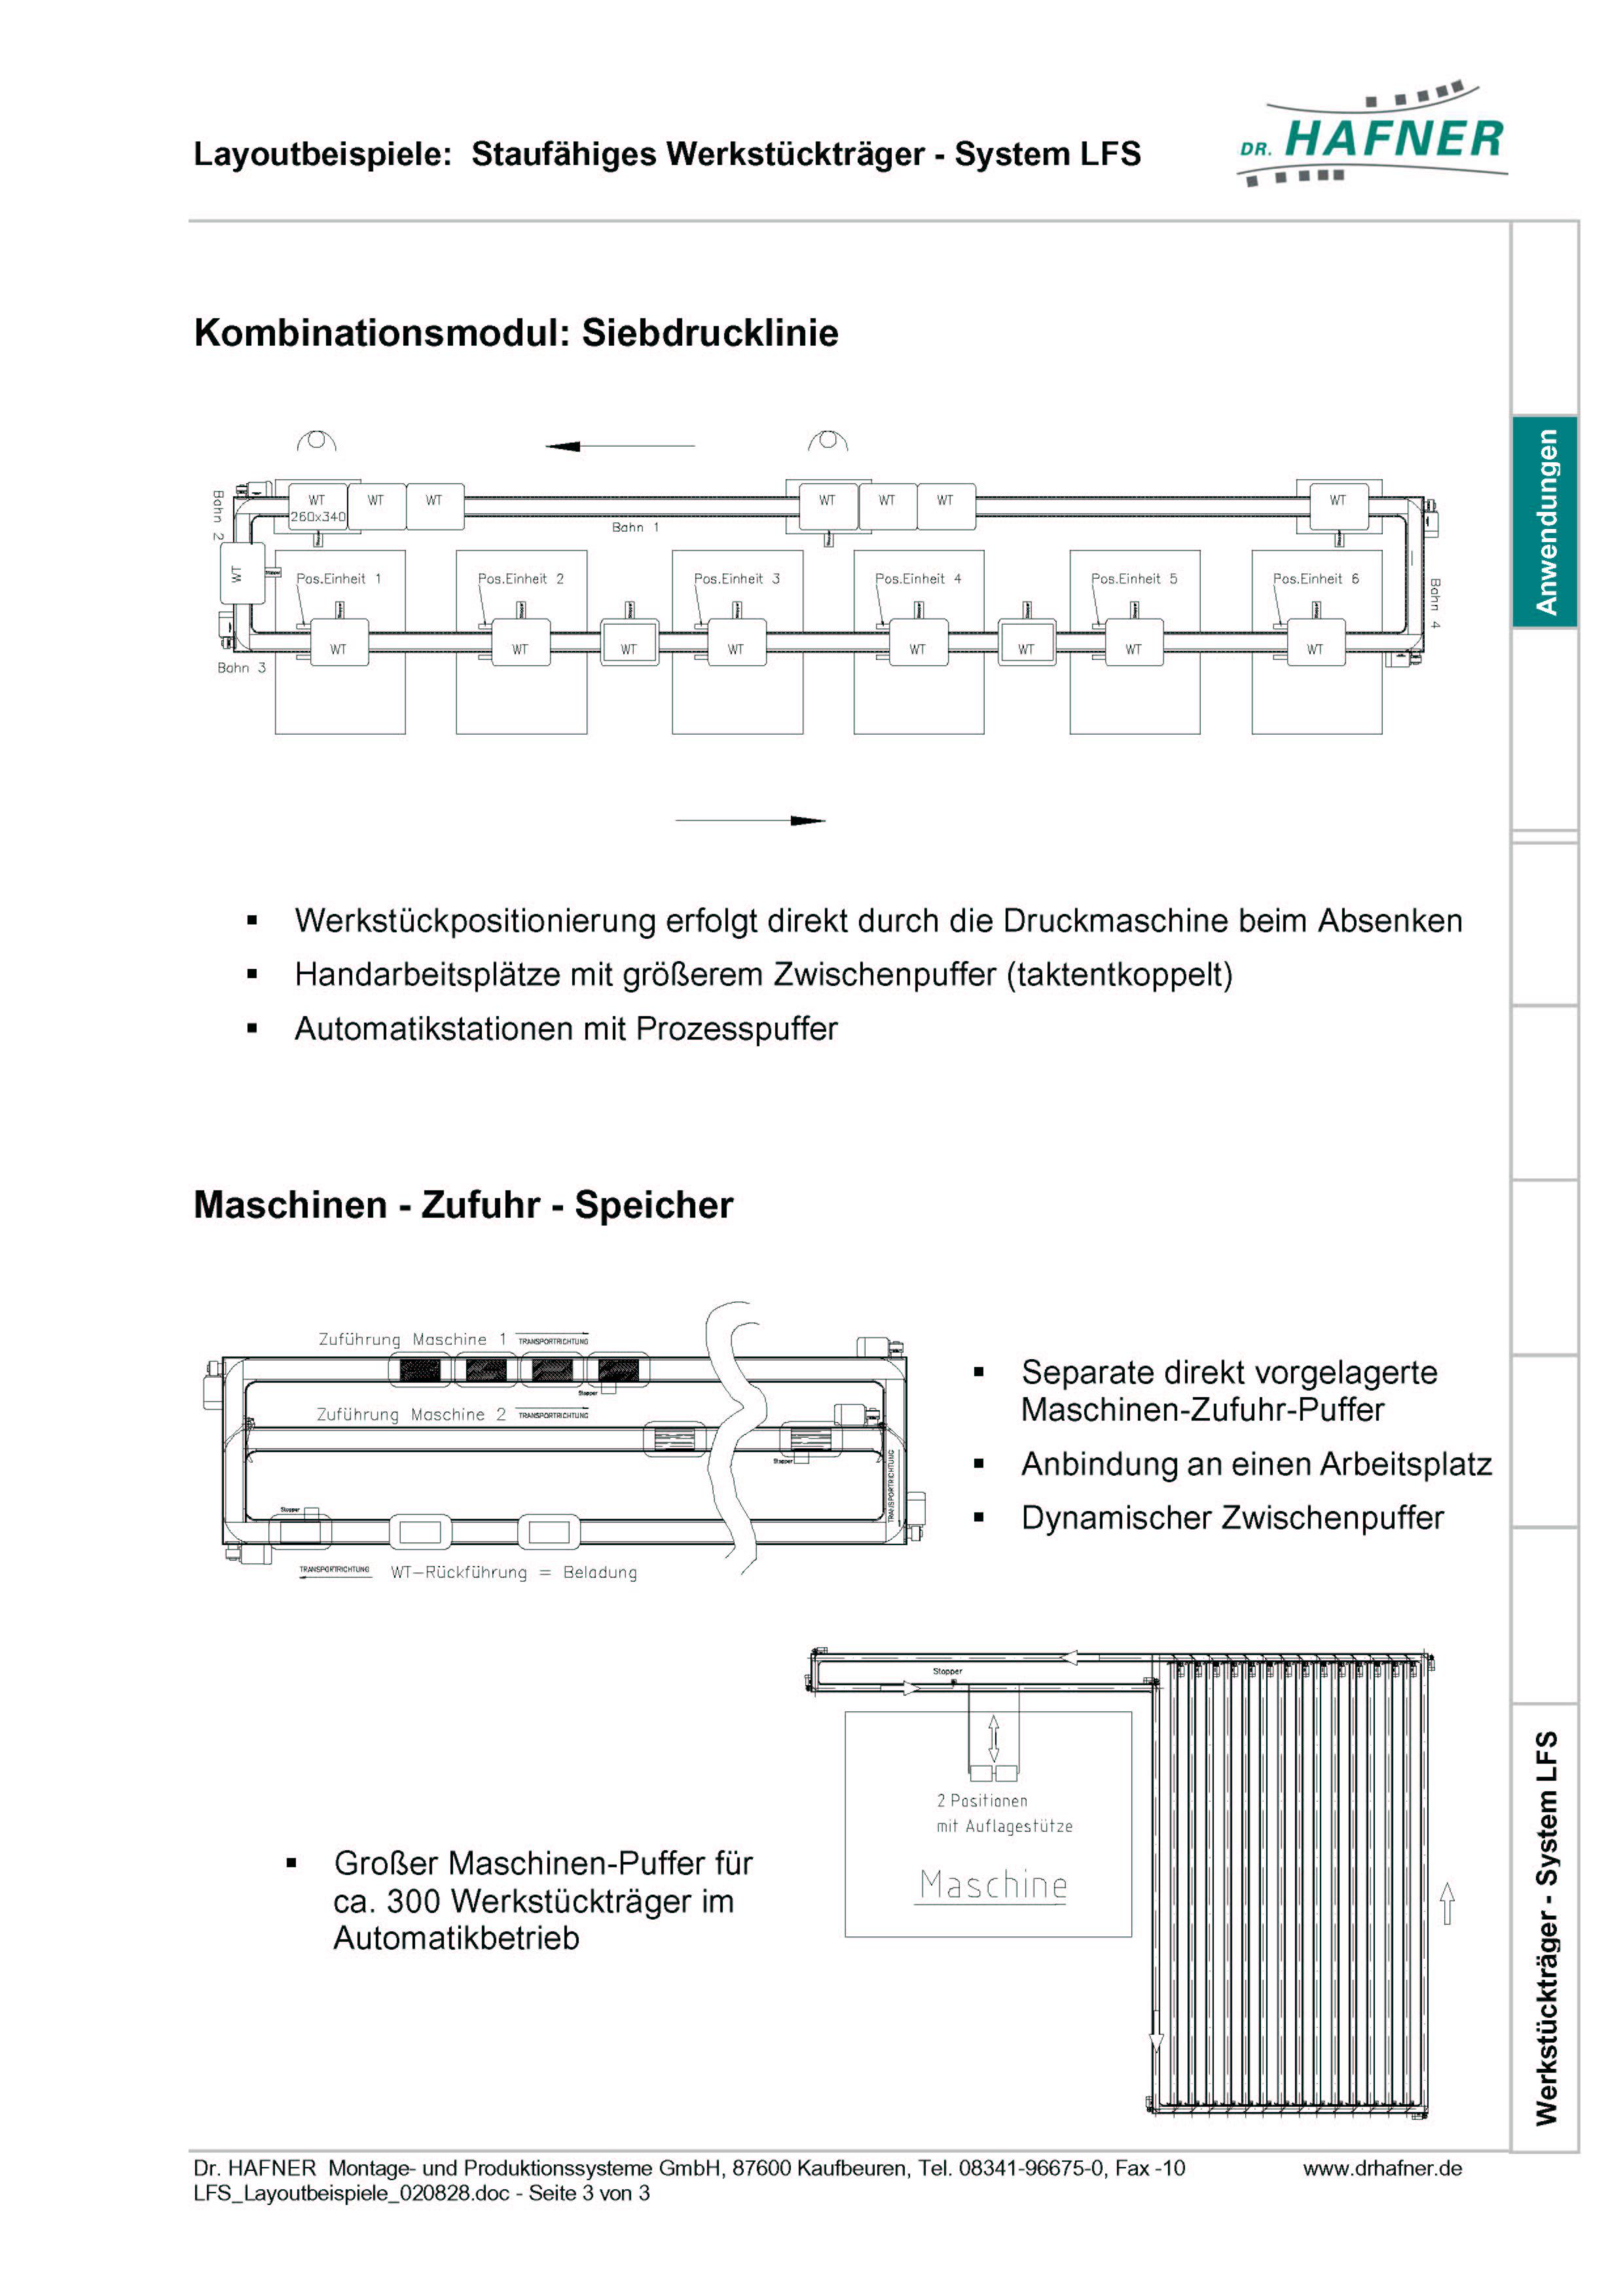 Dr. HAFNER_PKWP_34 Layout Siebdrucklinie Maschinen Zufuhr Speicher Werkstückträger